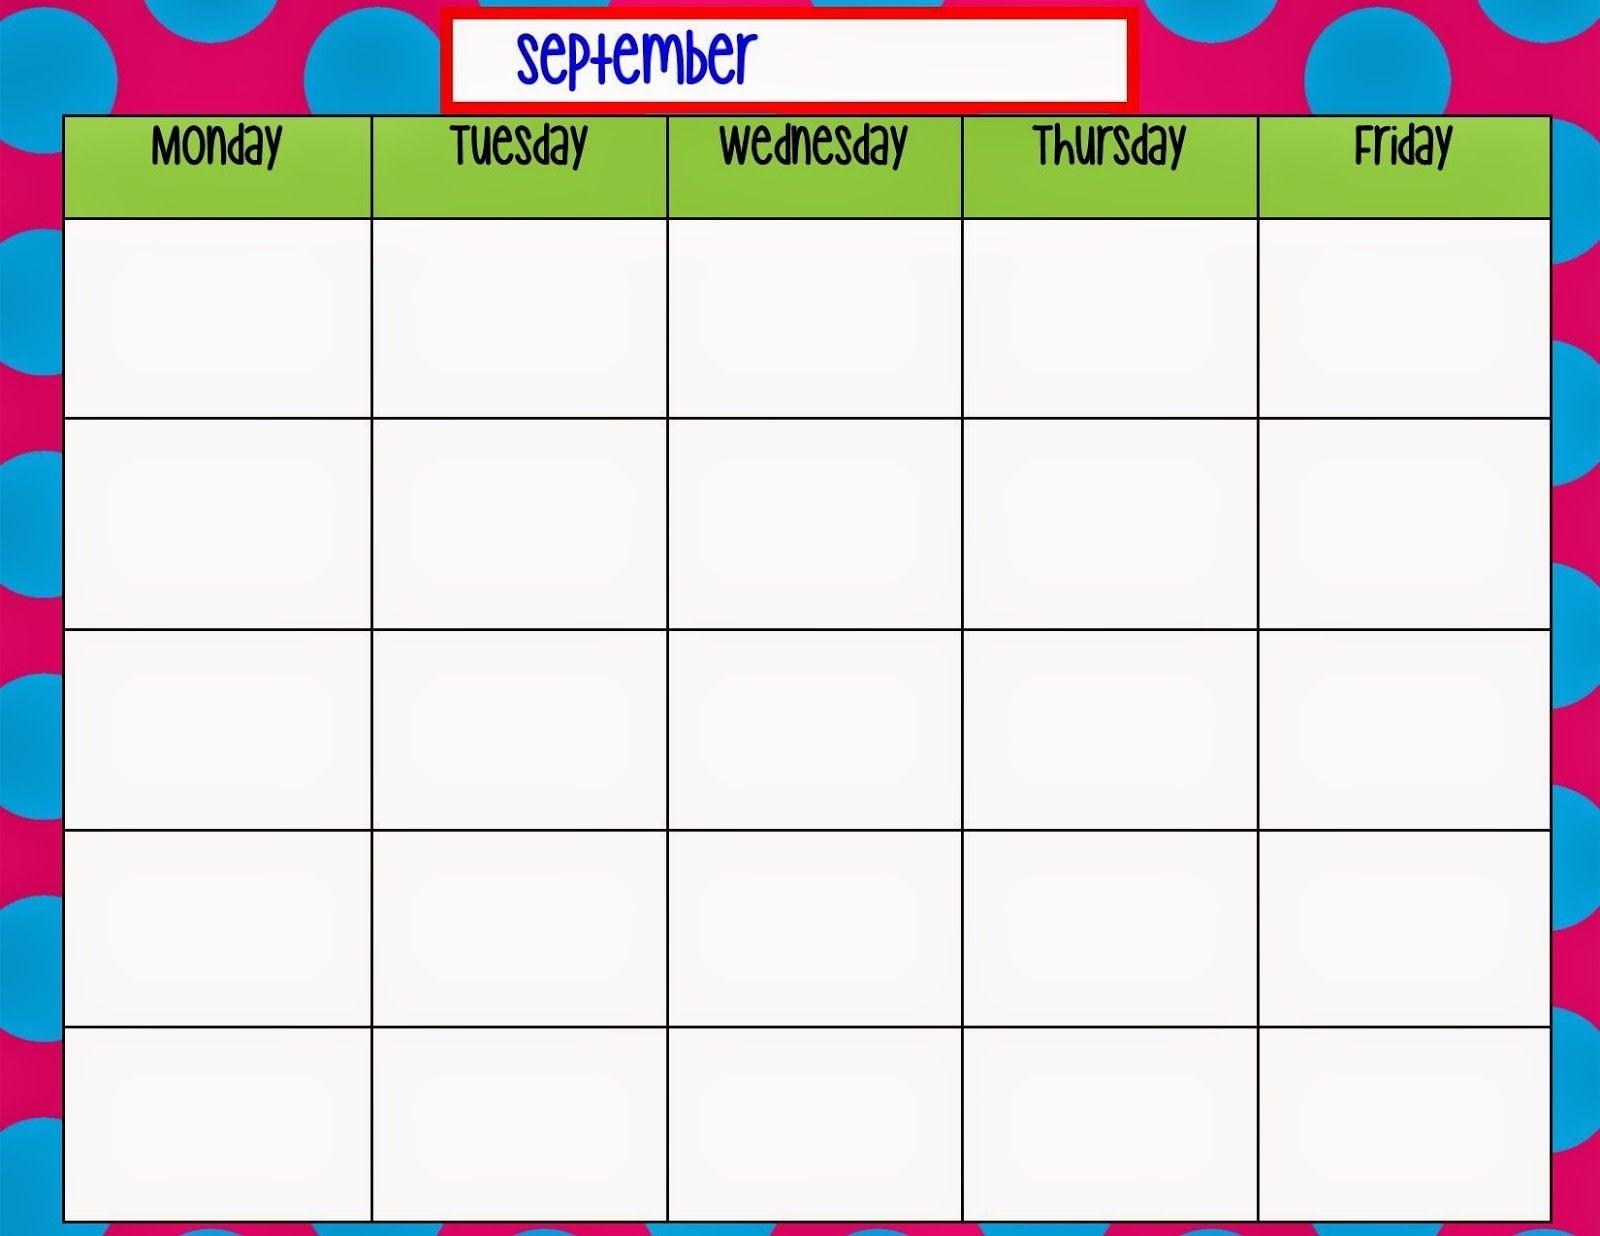 Monday Through Friday Calendar Template | Preschool | Pinterest  Printable Weekly Calendar Monday Through Friday